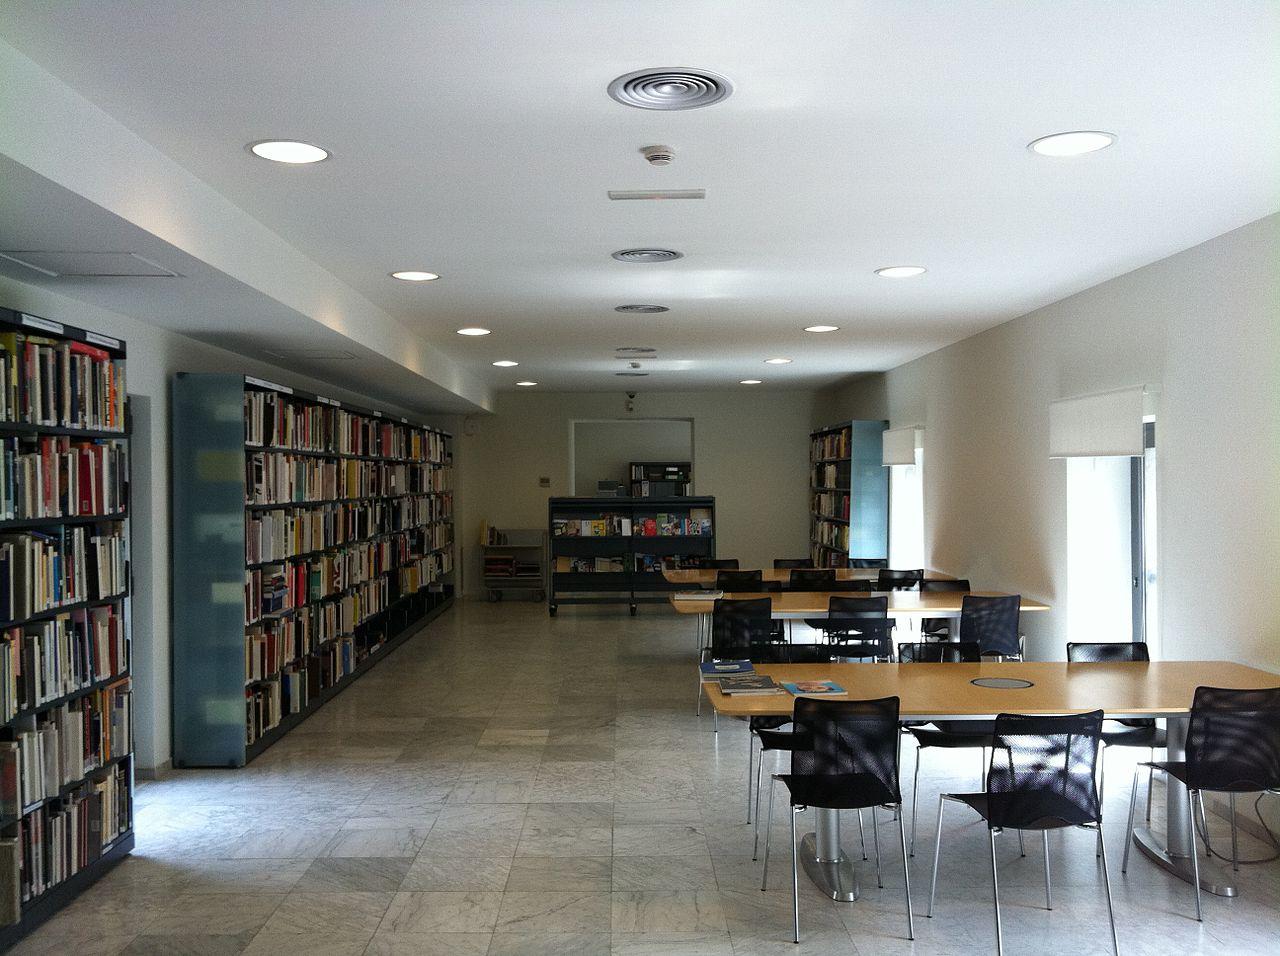 Музей Пикассо в Барселоне, библиотека